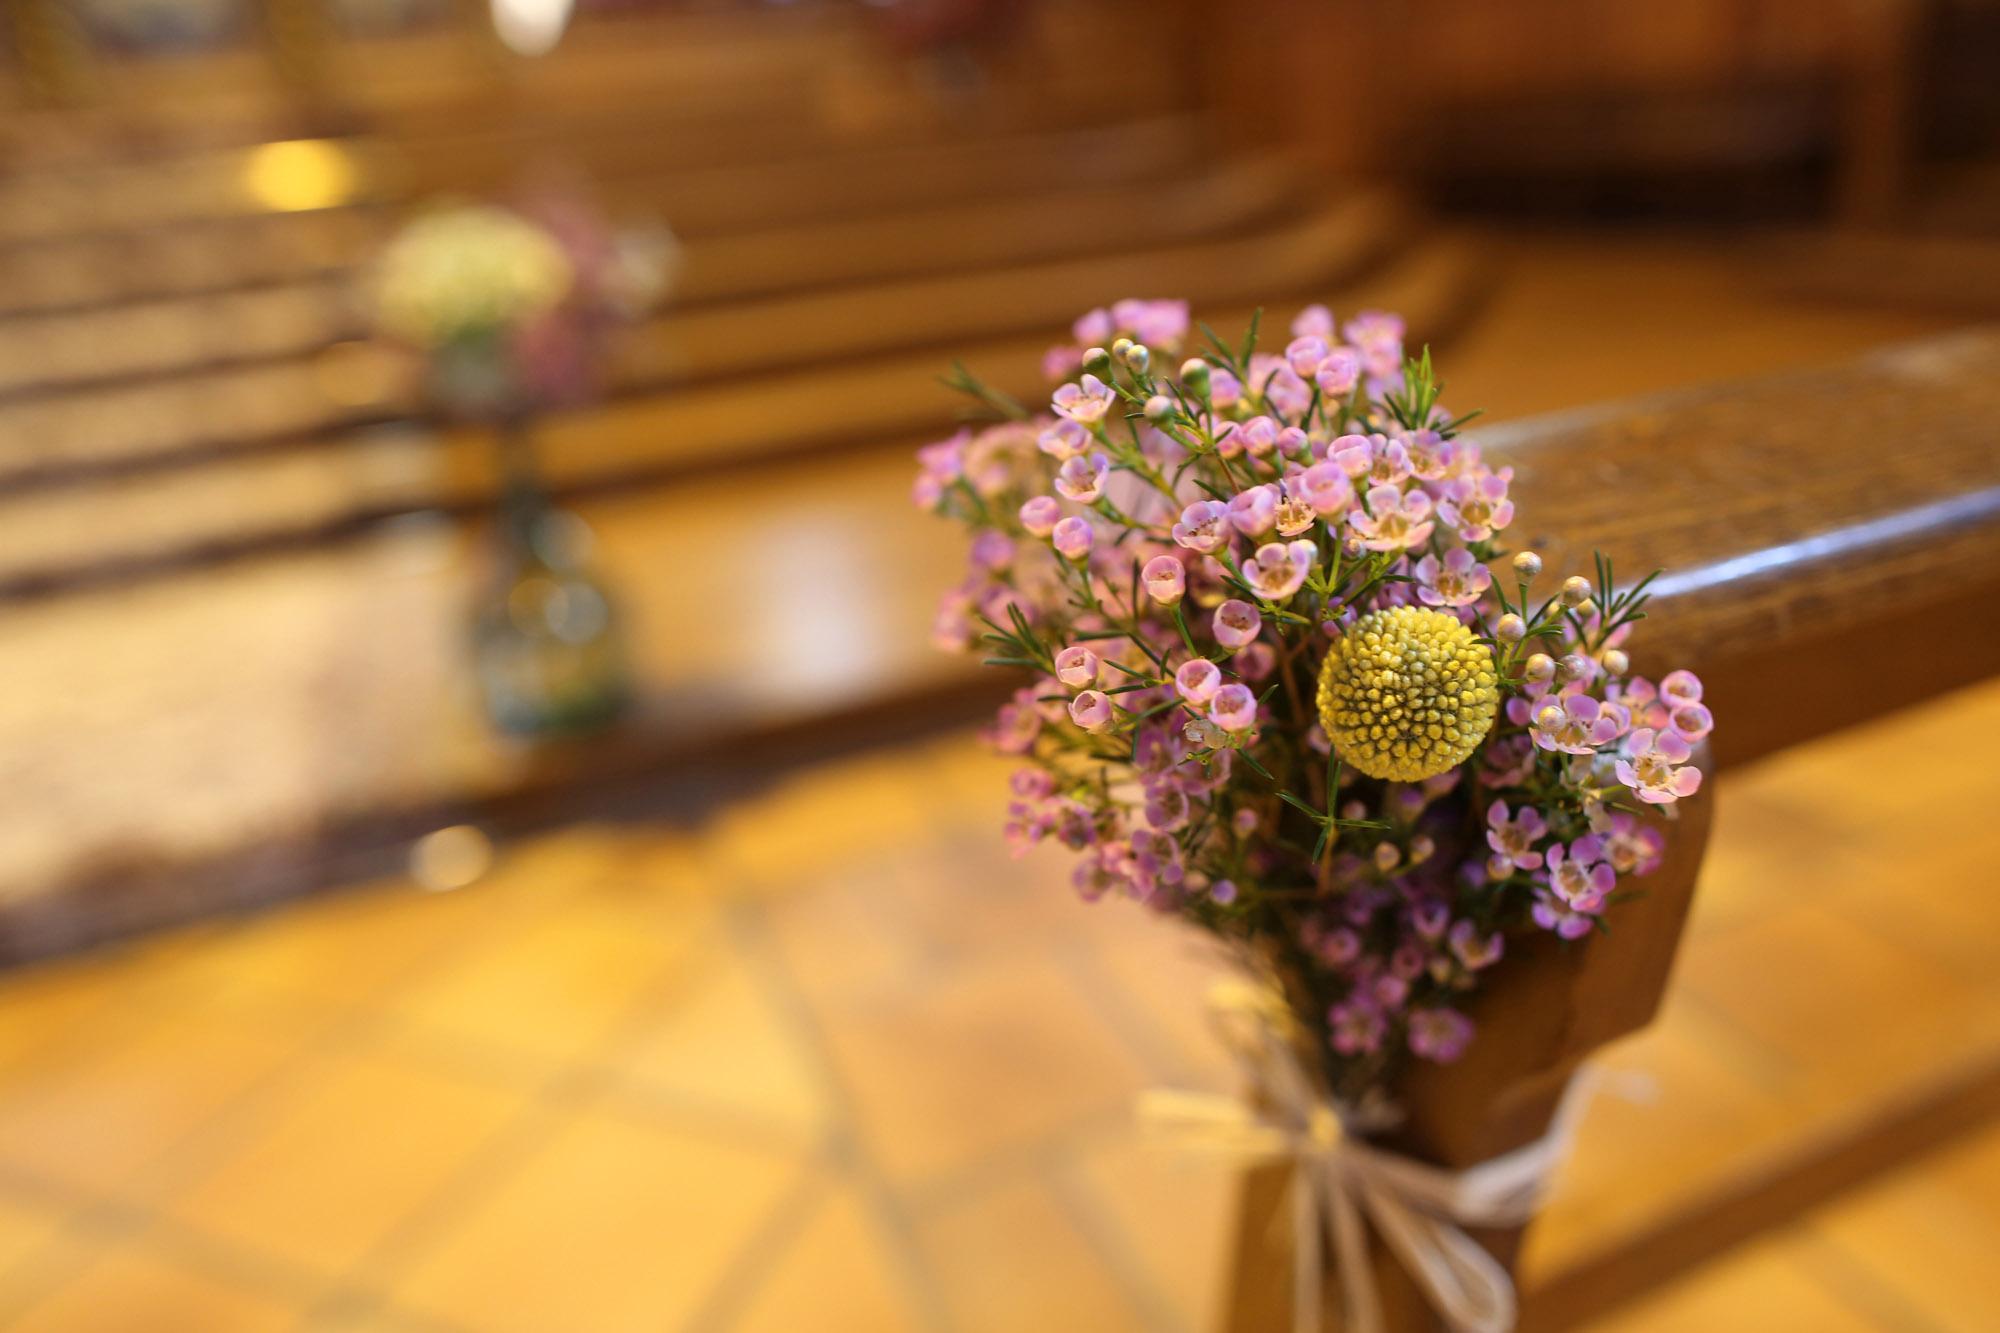 fleuriste-mariage-64-photographe-Sylvain-Mariotto-landes-pays-basque-03